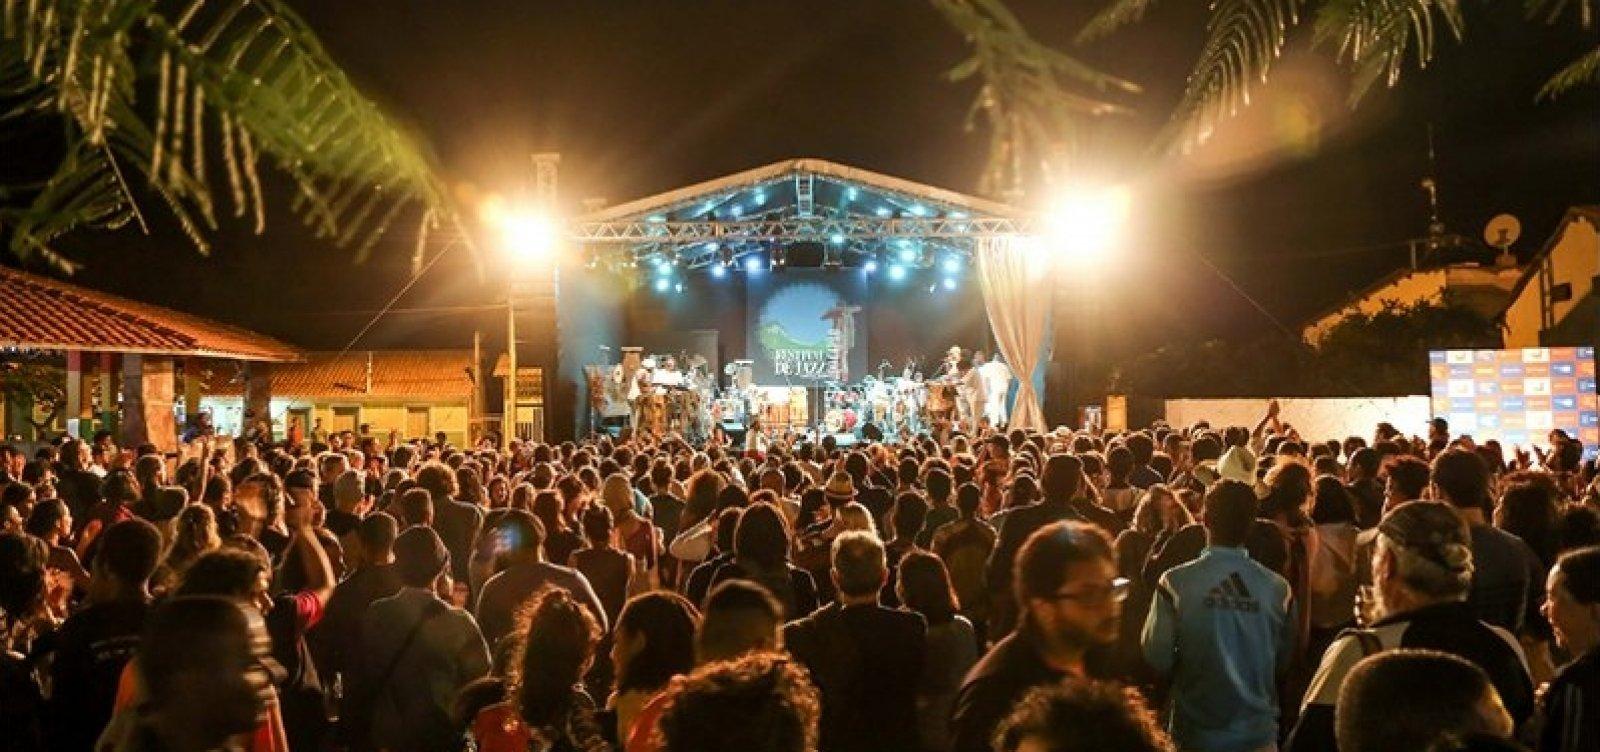 Festival de Jazz do Capão acontece neste final de semana